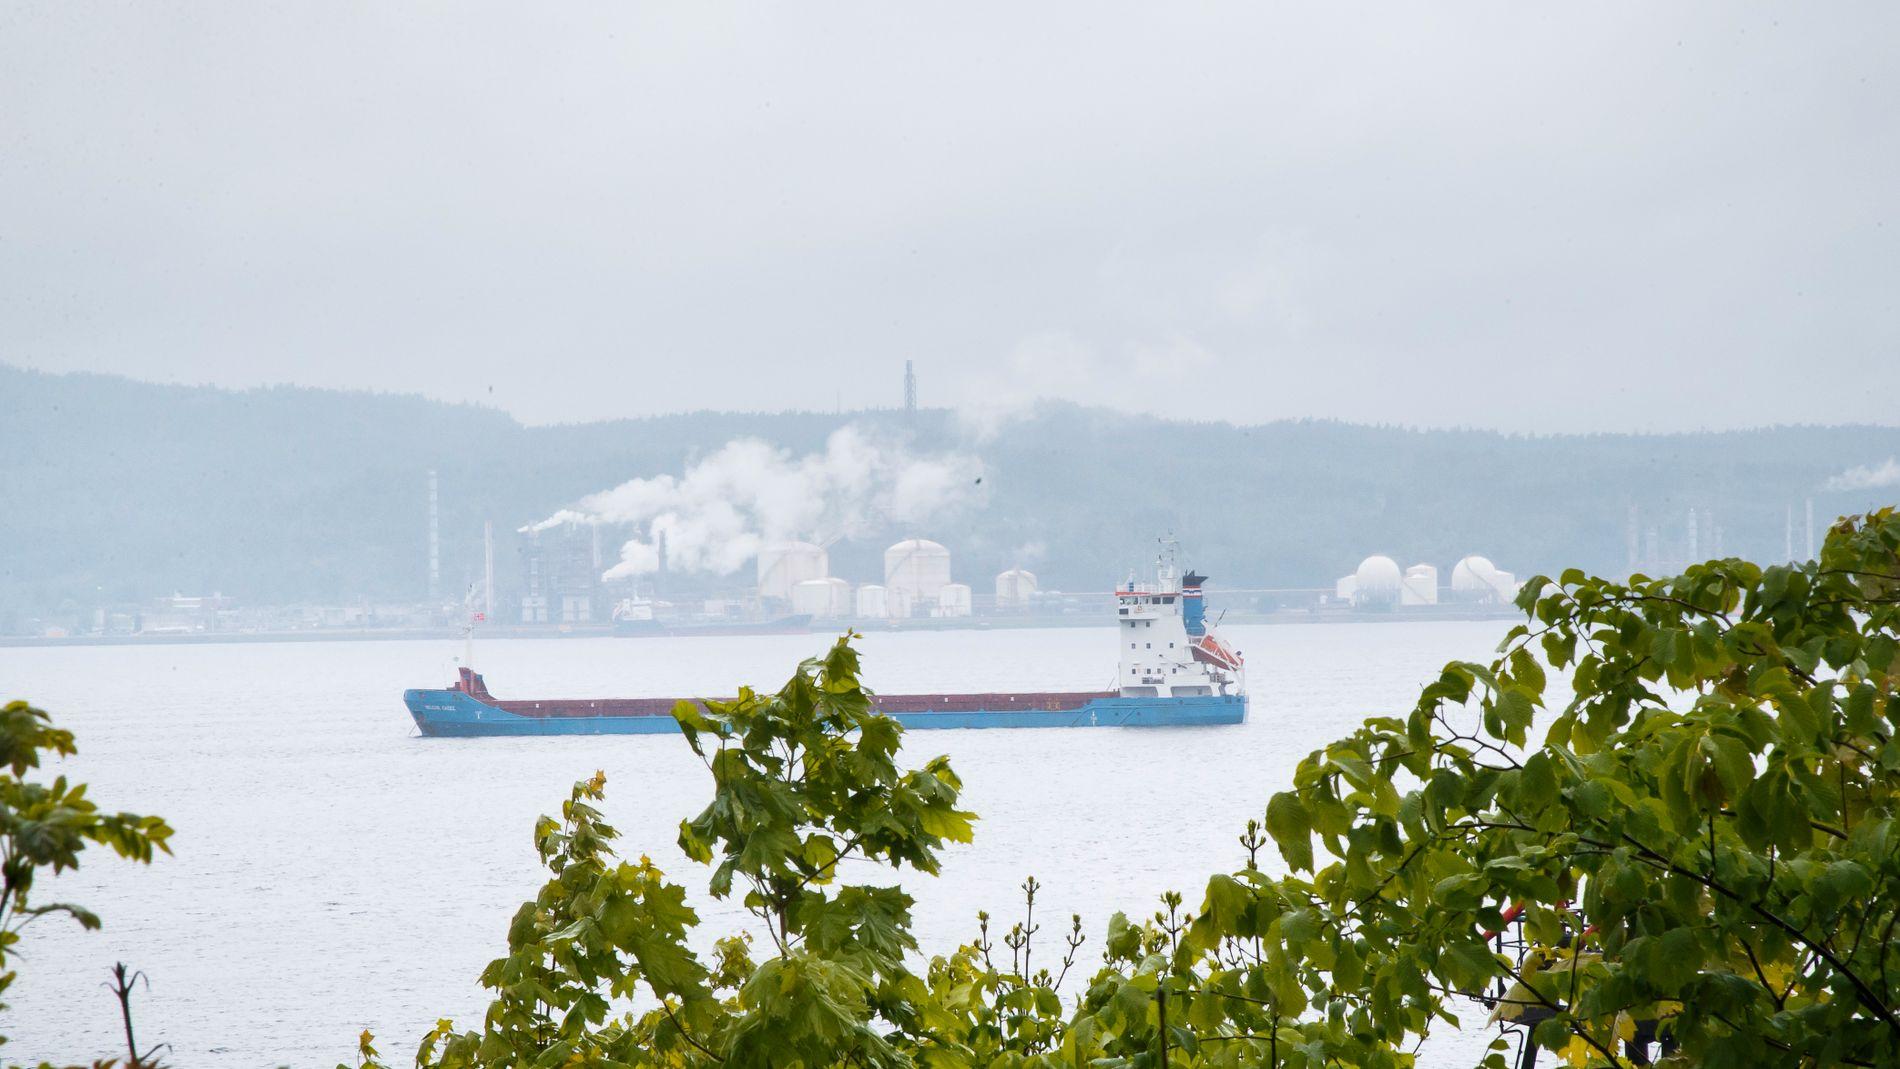 FORURENSET FJORD: Miljødirektoratet pålegger Hydro å rydde opp forurensning i Gunneklevfjorden i Porsgrunn før 2022. Fjordene rundt Herøya er blant de 17 prioriterte områdene i den nasjonale handlingsplanen for opprydding i forurenset sjøbunn.